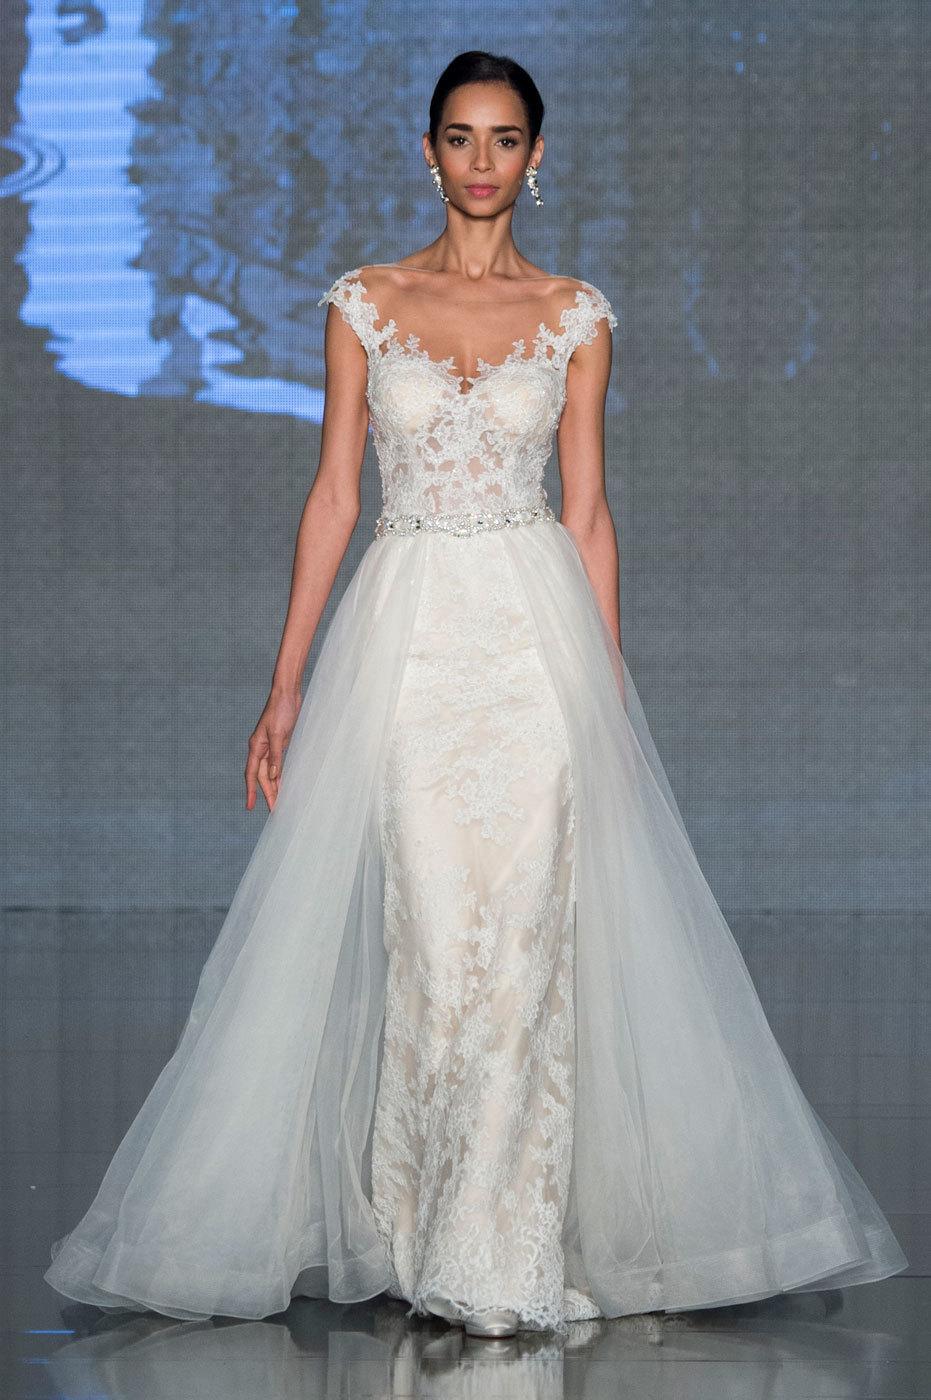 Super 10 abiti da sposa in pizzo di tendenza per la moda 2017 NE67